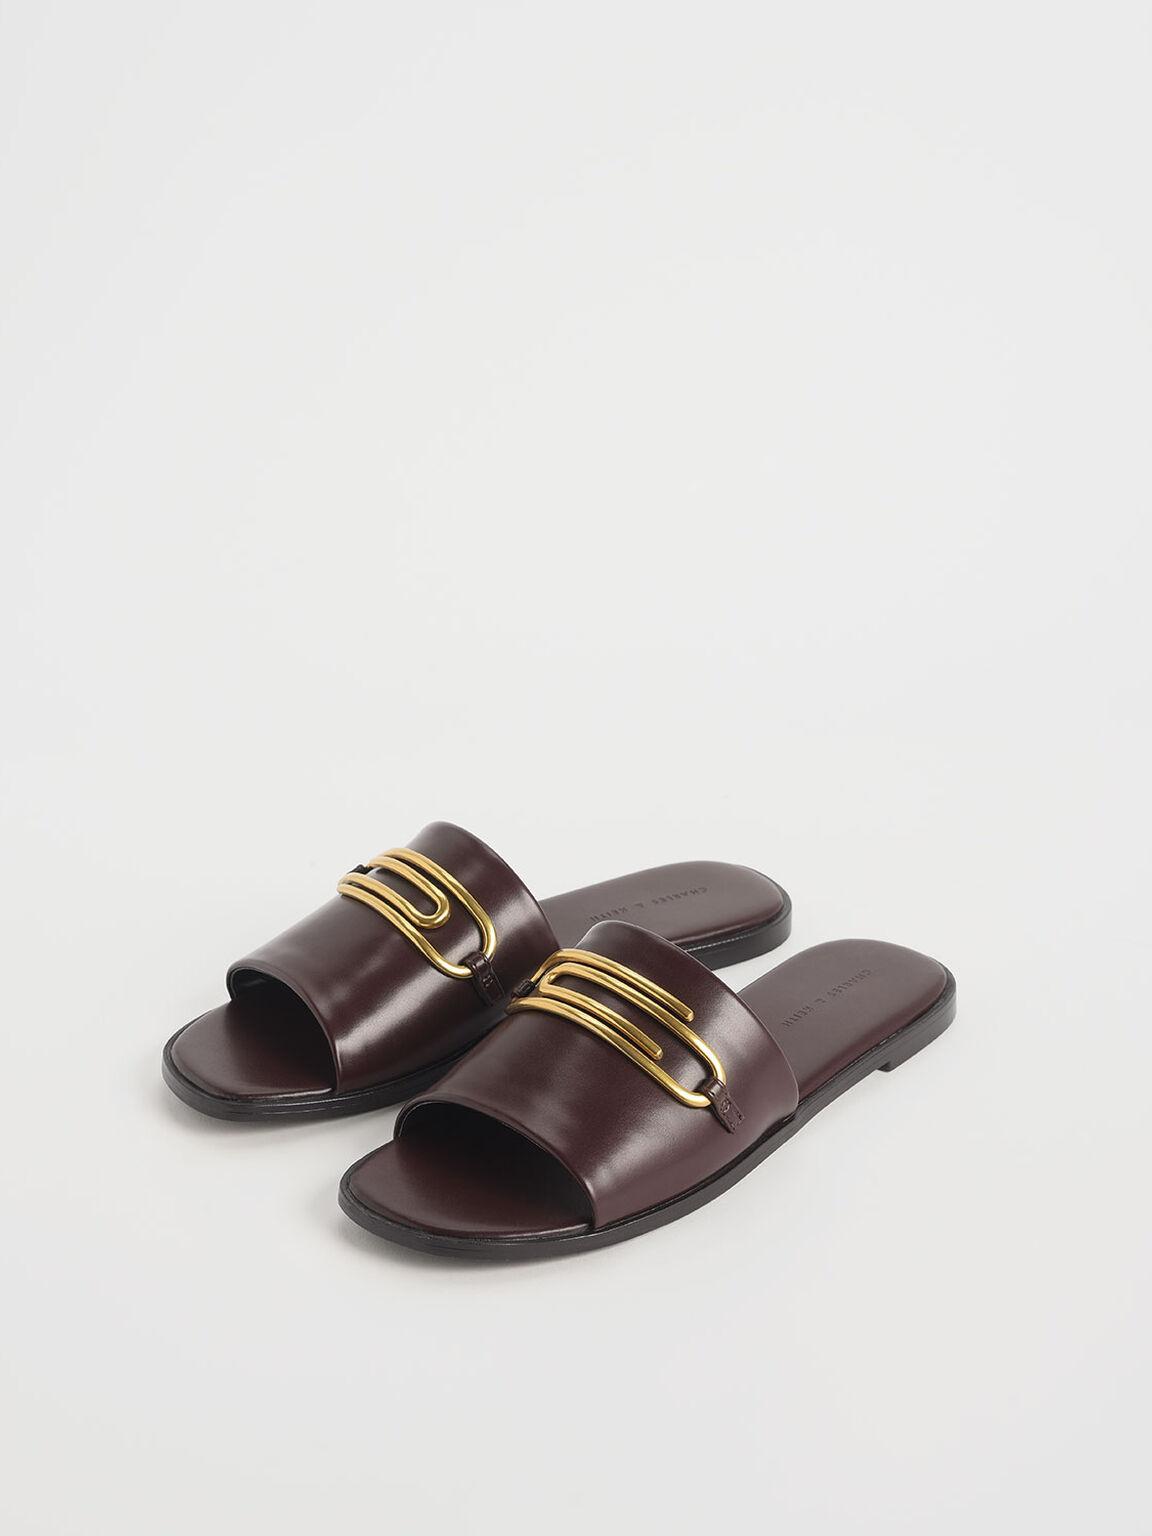 簡約金屬平底拖鞋, 咖啡色, hi-res